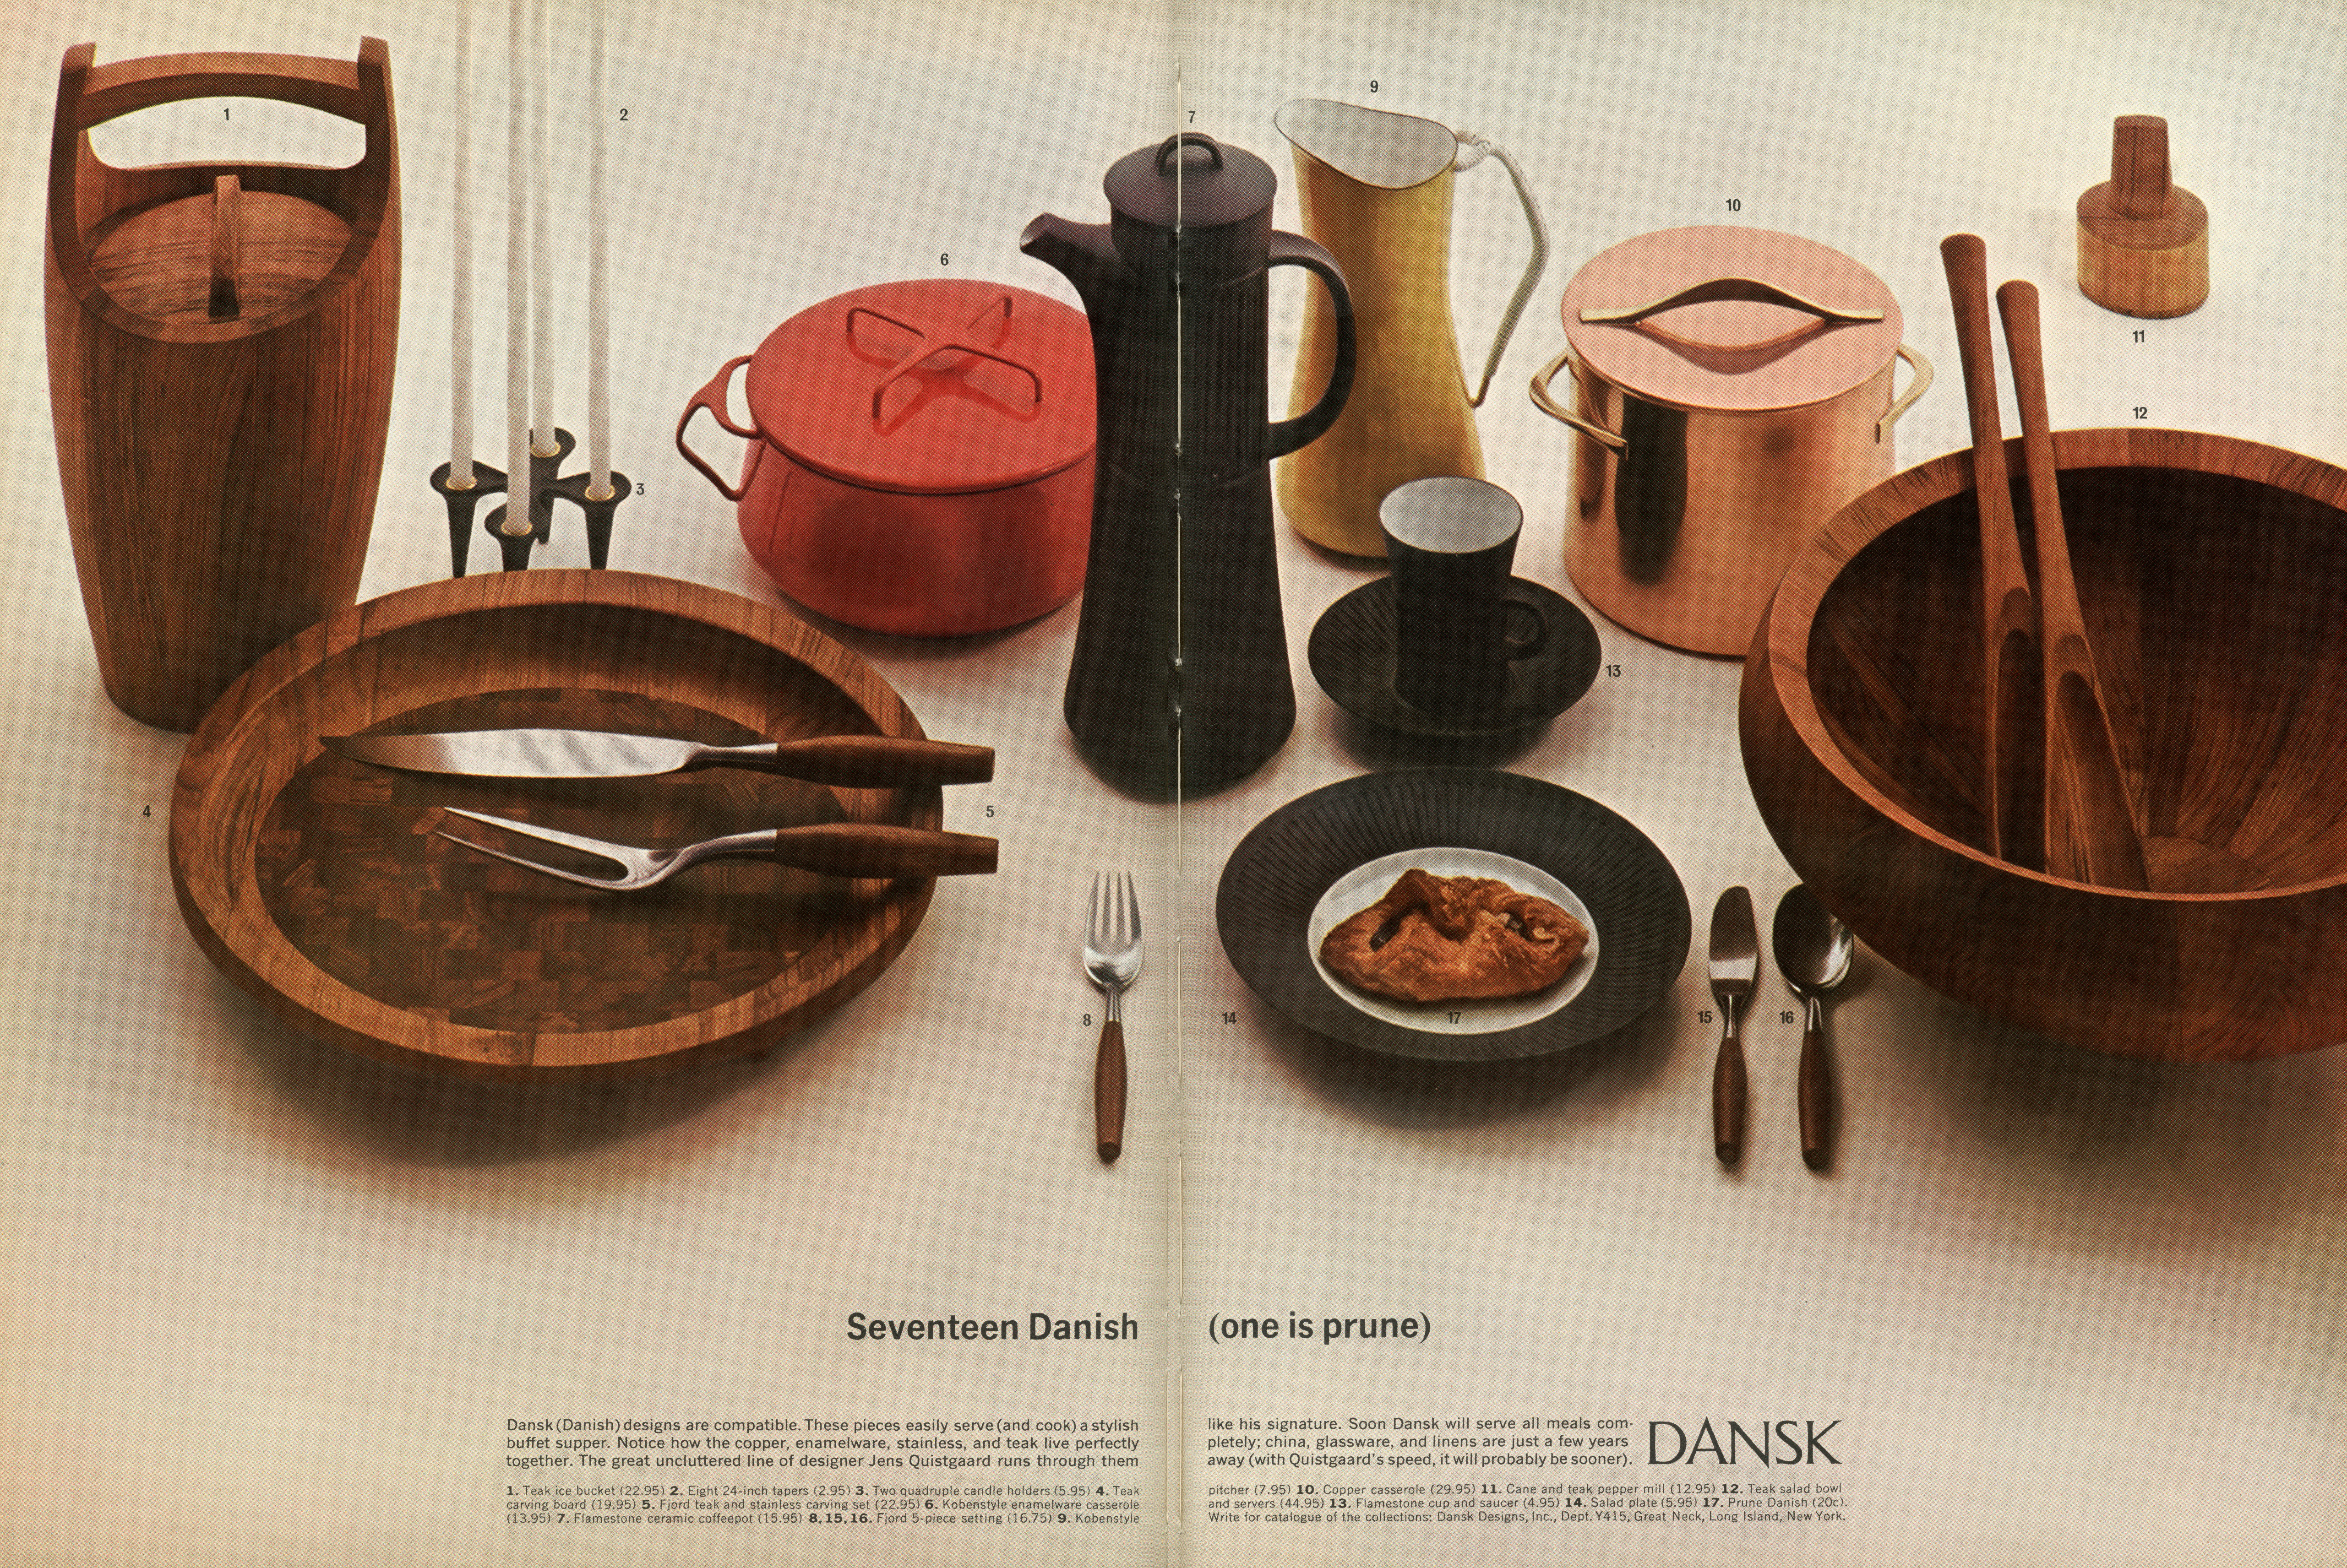 PKL, The First Year Book, Dansk 'Prunes'-01